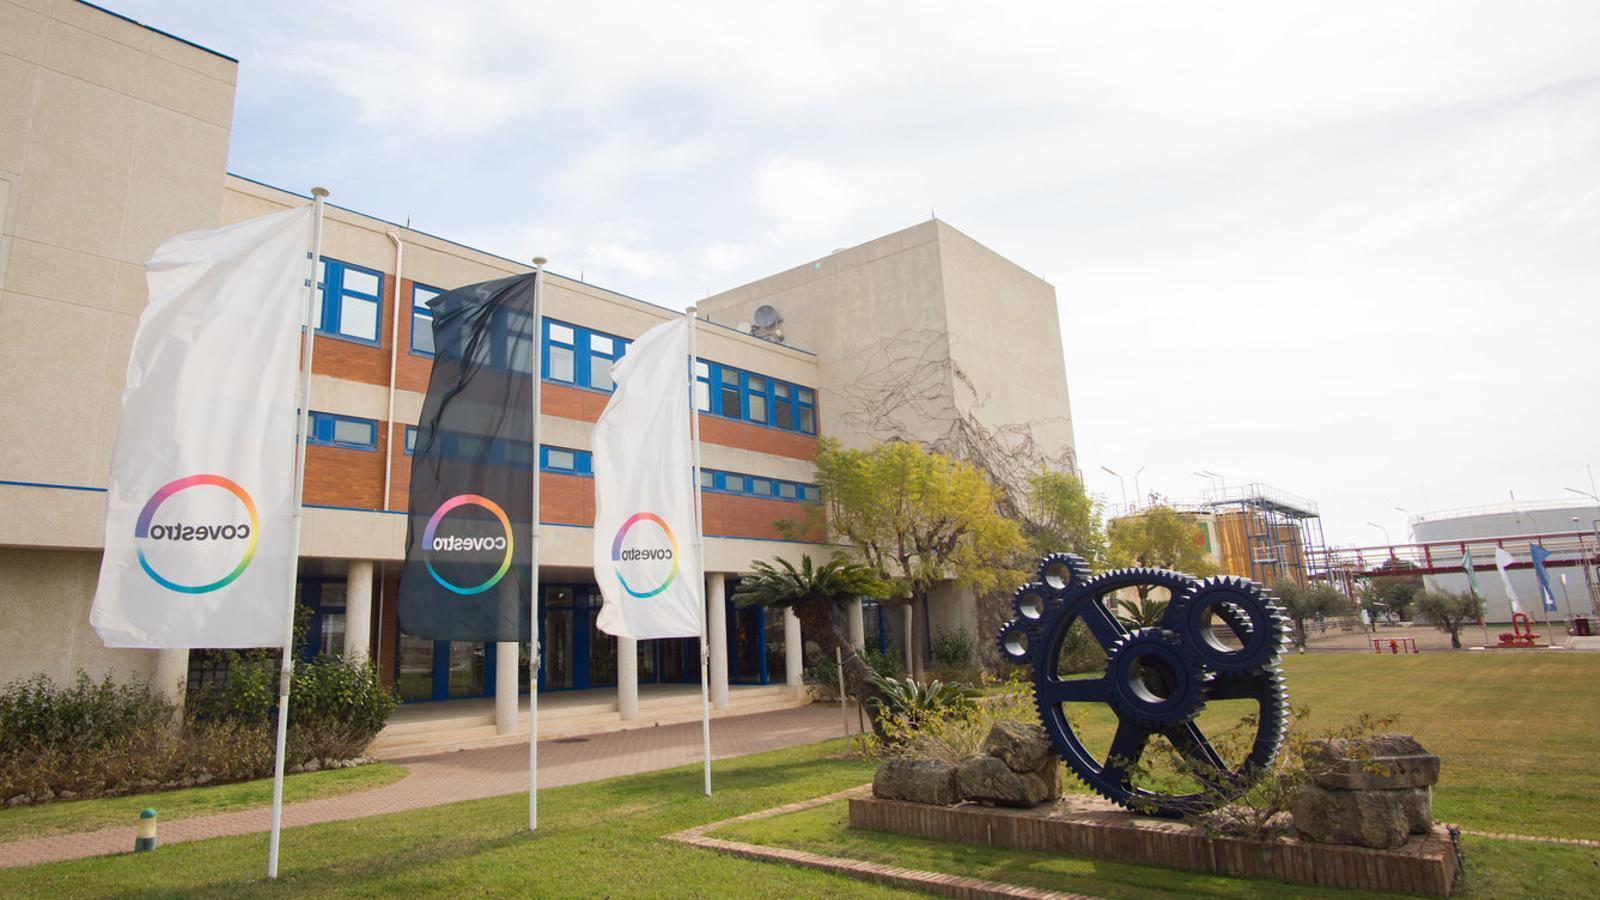 Covestro invertirà 200 milions en una planta de Tarragona que fa dos anys volia tancar